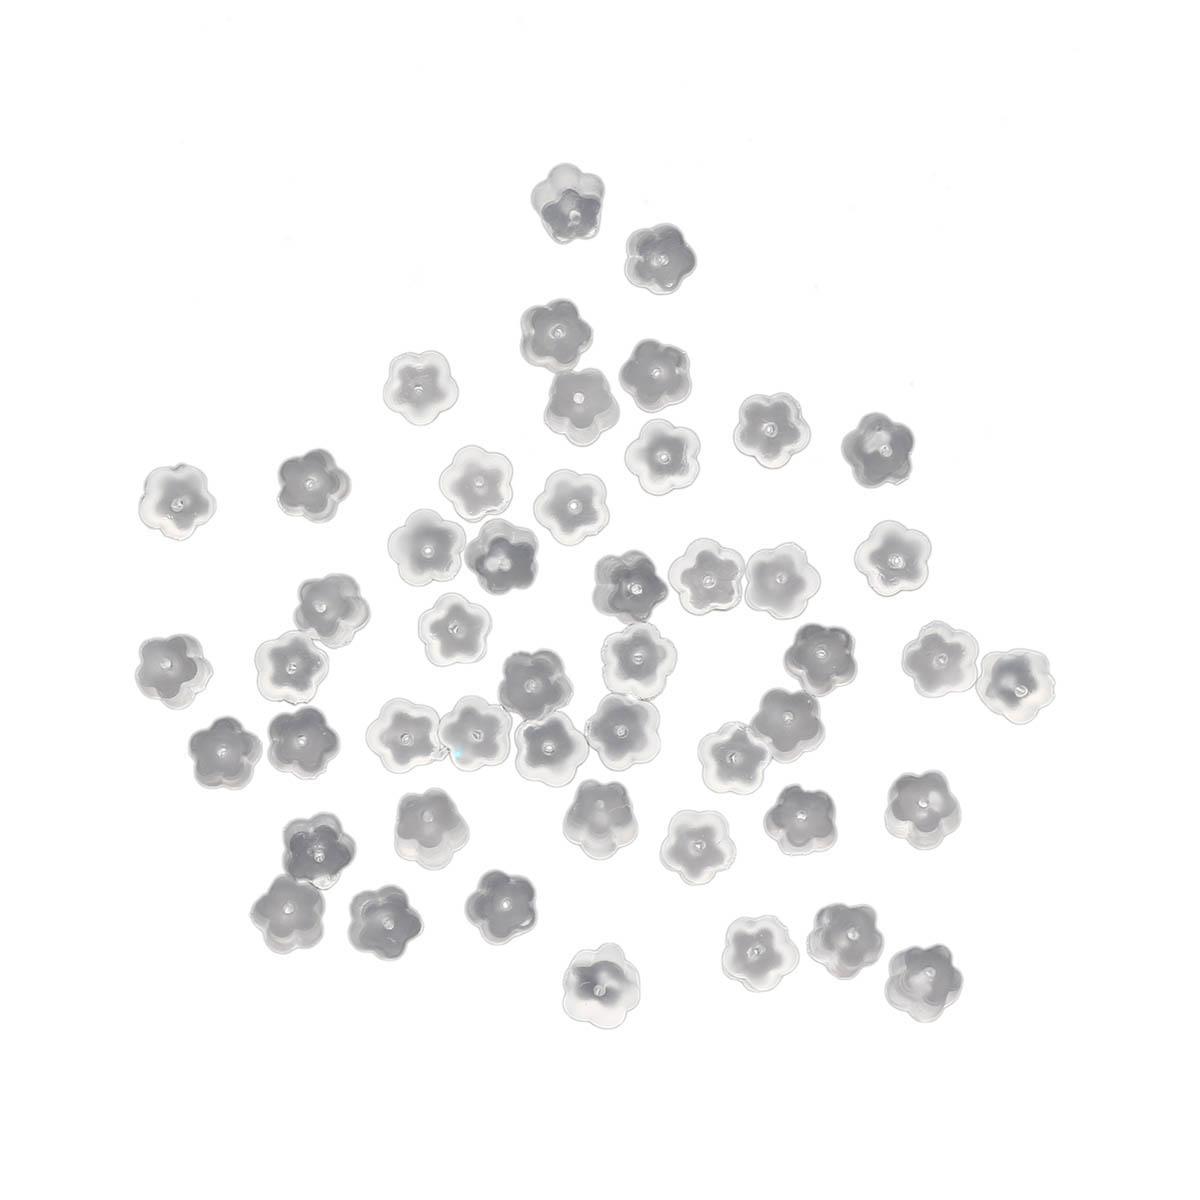 4AR218 Фиксатор для серег силиконовый цветок, 4мм, 50шт/упак, Астра